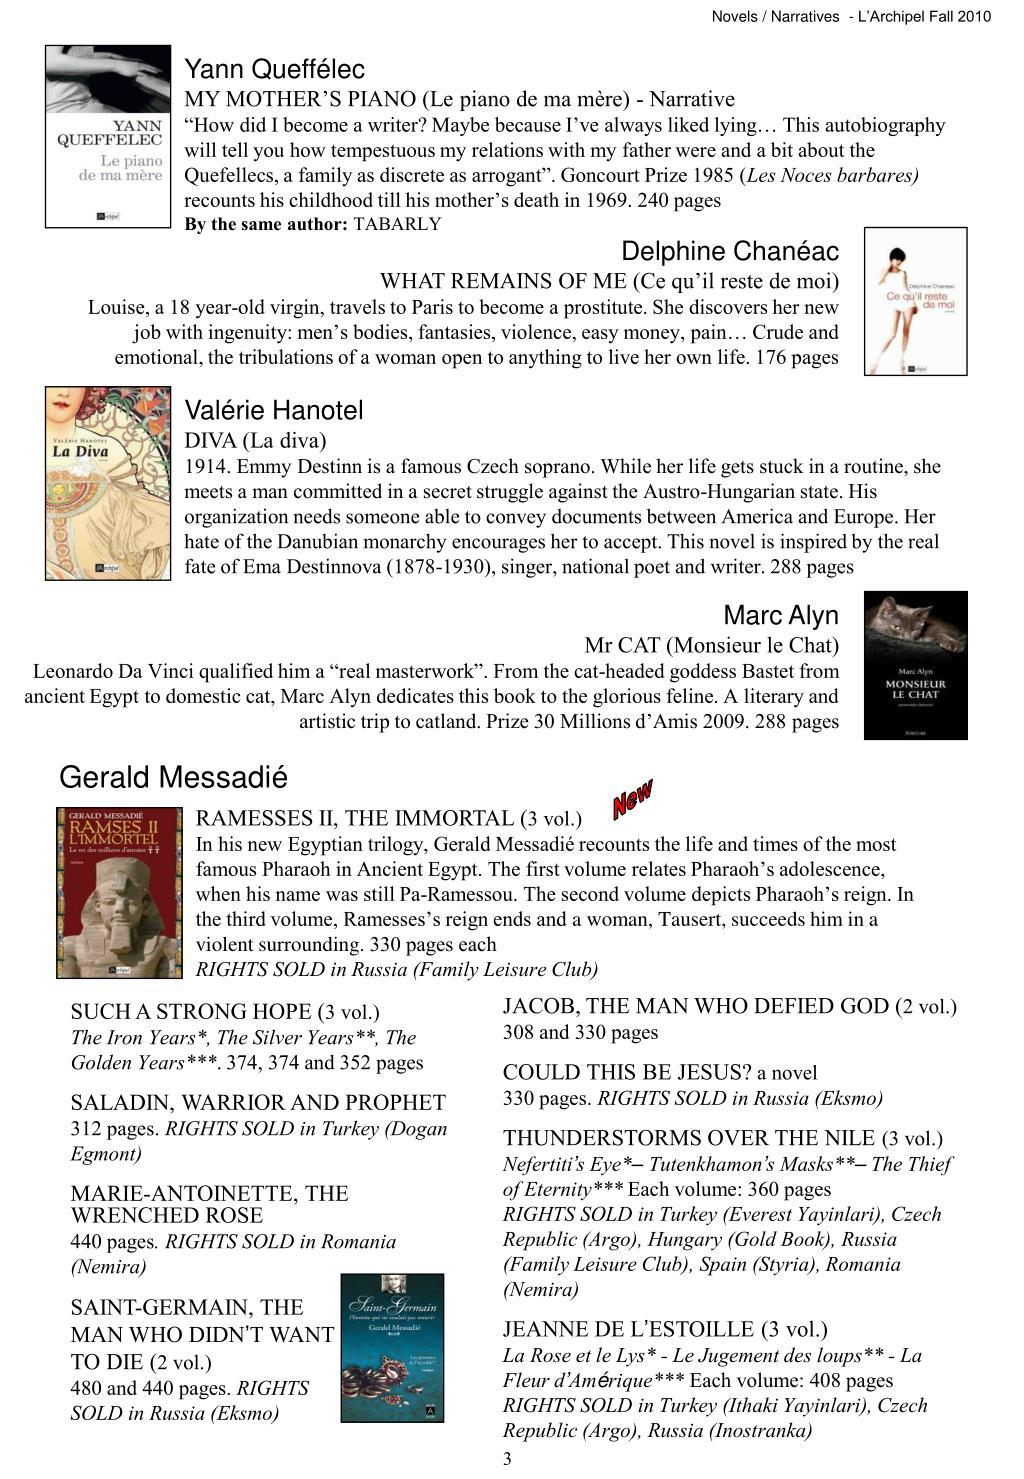 Novels / Narratives  - L'Archipel Fall 2010